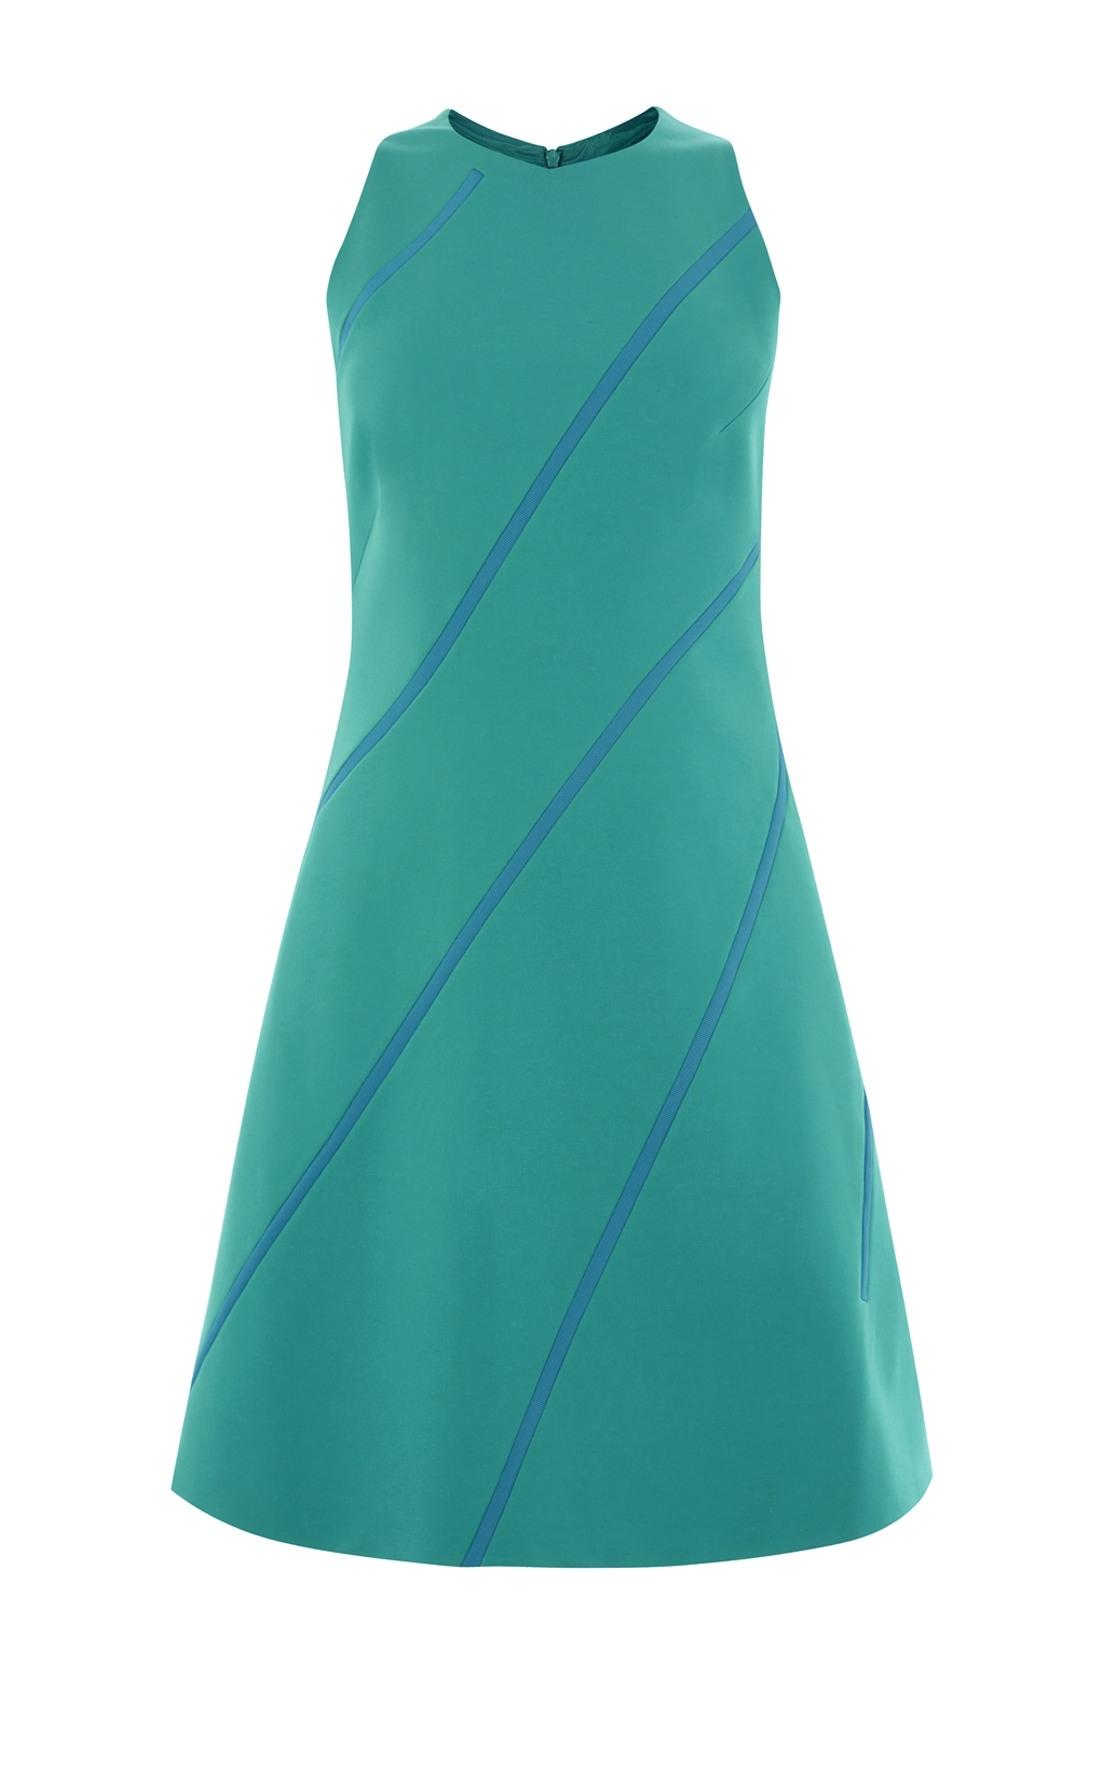 Formal Elegant Festliche Kleider Türkis StylishAbend Erstaunlich Festliche Kleider Türkis Design